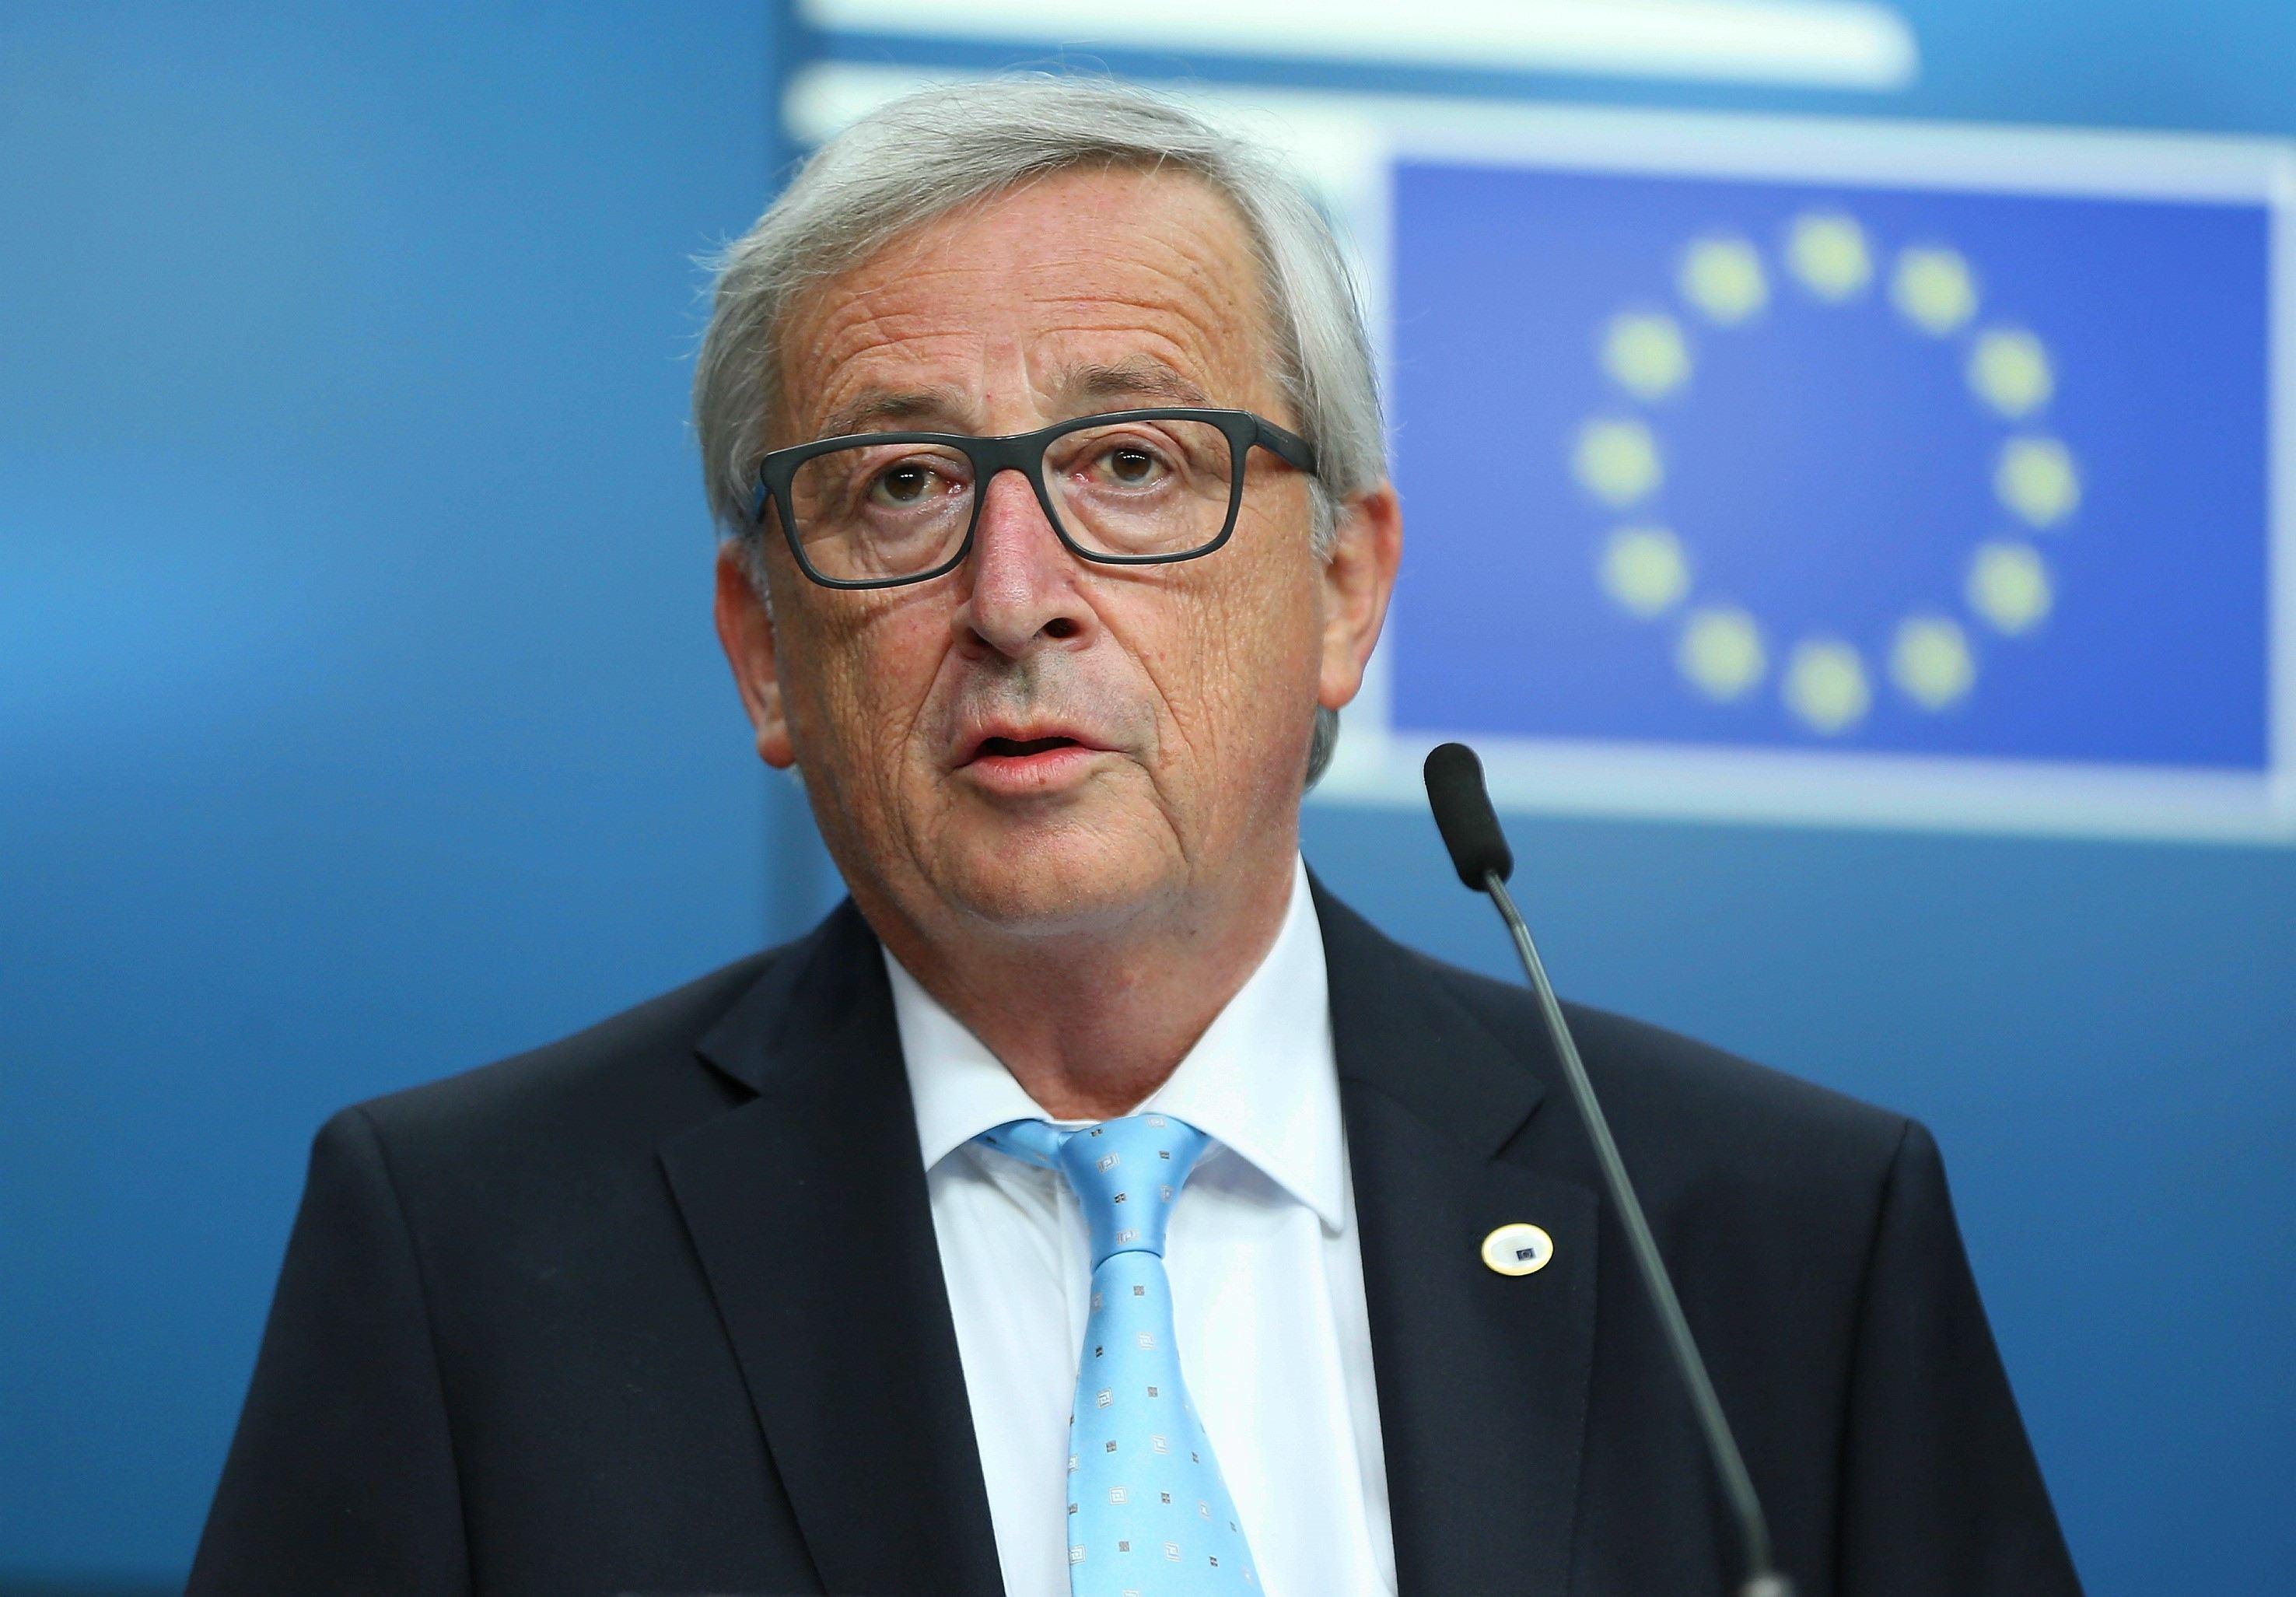 Preşedintele Comisiei Europene avertizează că UE se confruntă cu riscul apariţiei unor noi `fisuri` din cauza Cataloniei